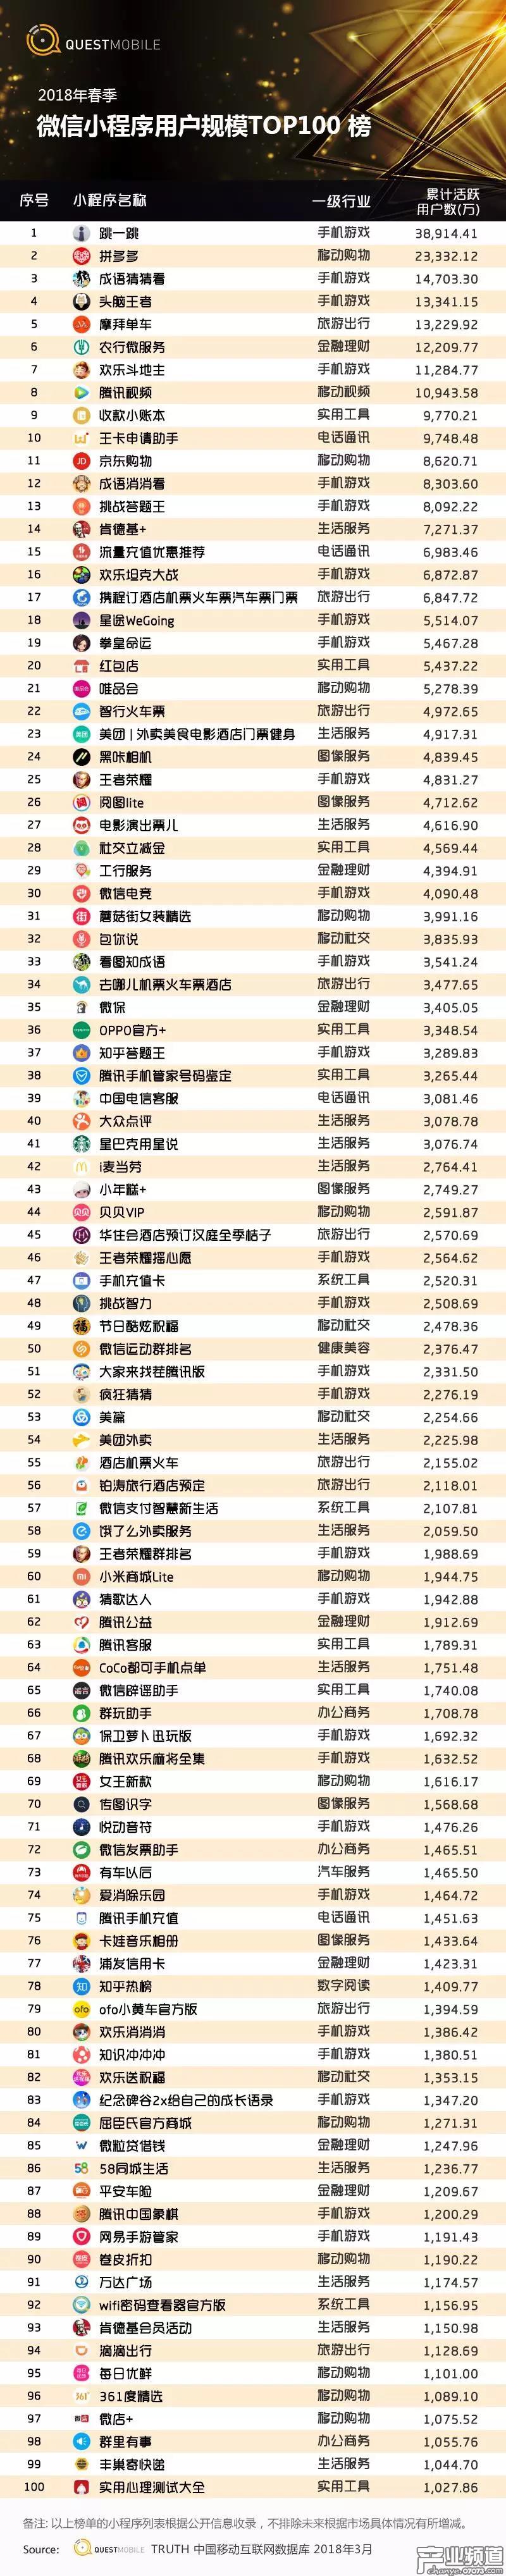 微信小程序TOP100榜